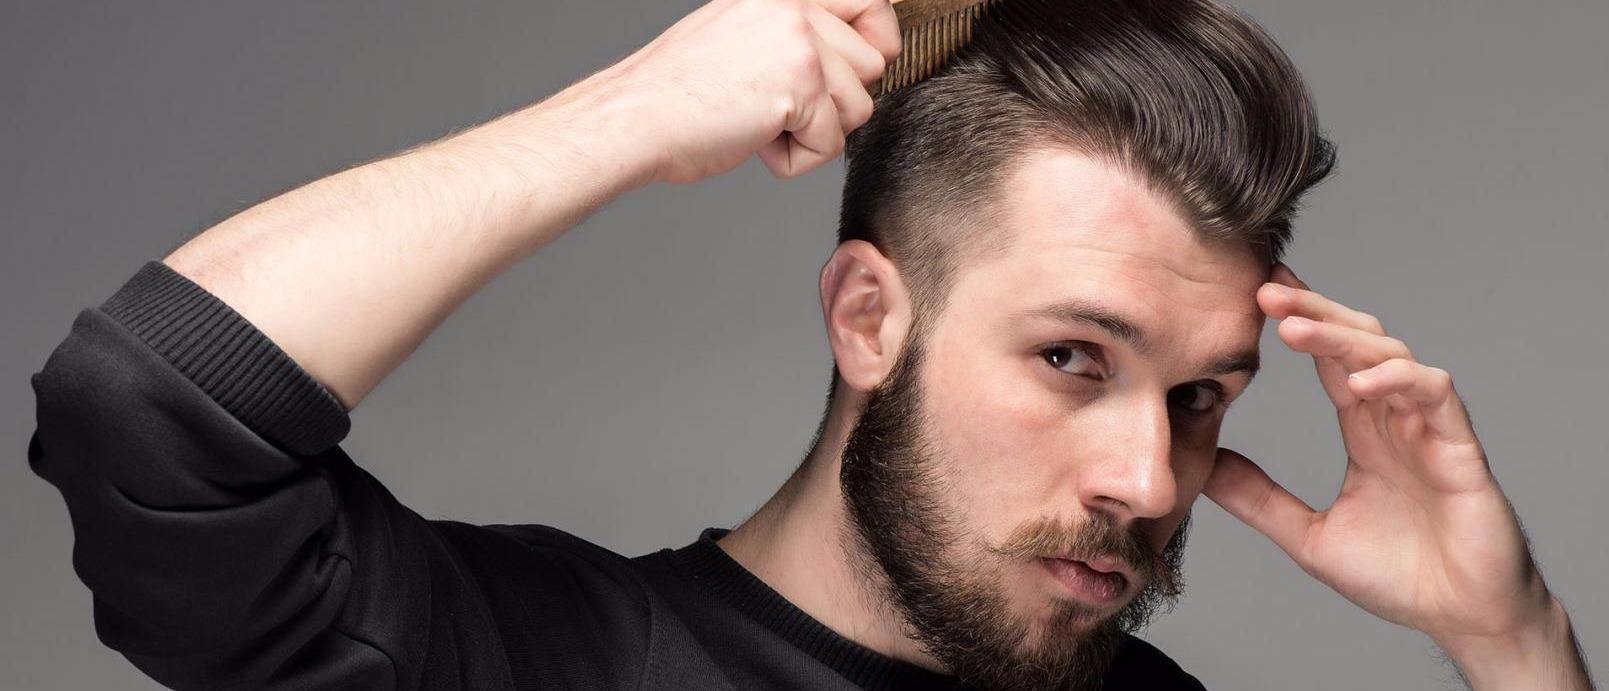 coiffure homme calvitie